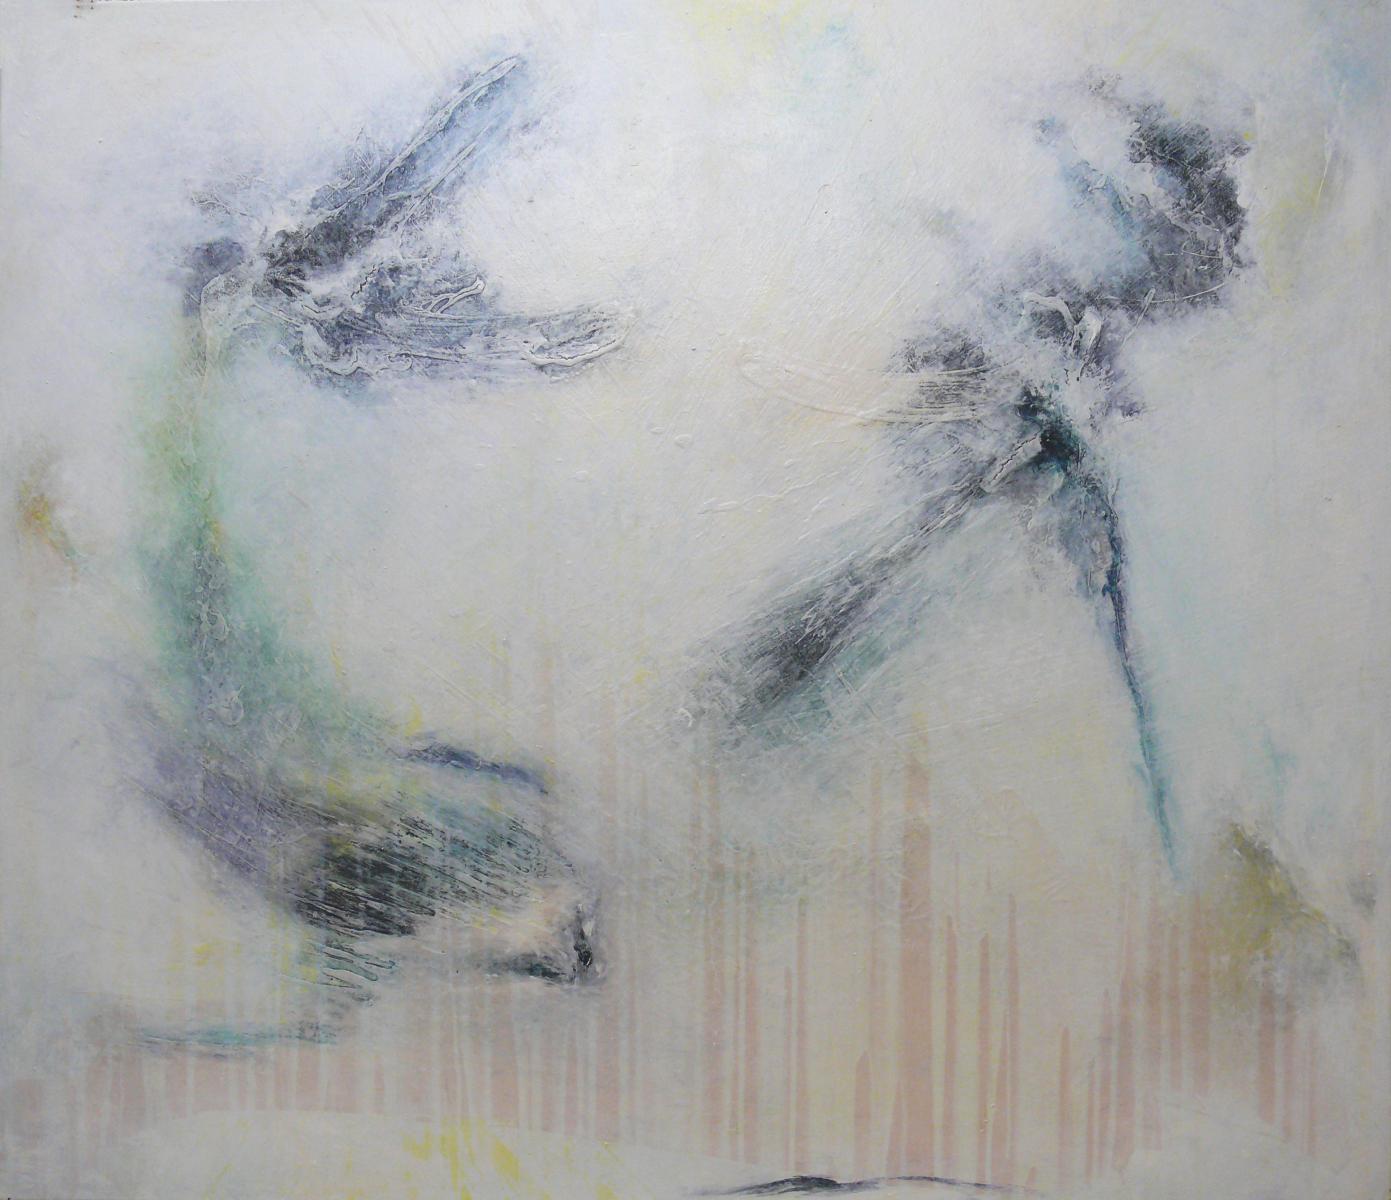 """Aus der Serie """"Was ist es was bleibt"""" 145 x 170 cm, Acryl, Papier auf Leinen"""